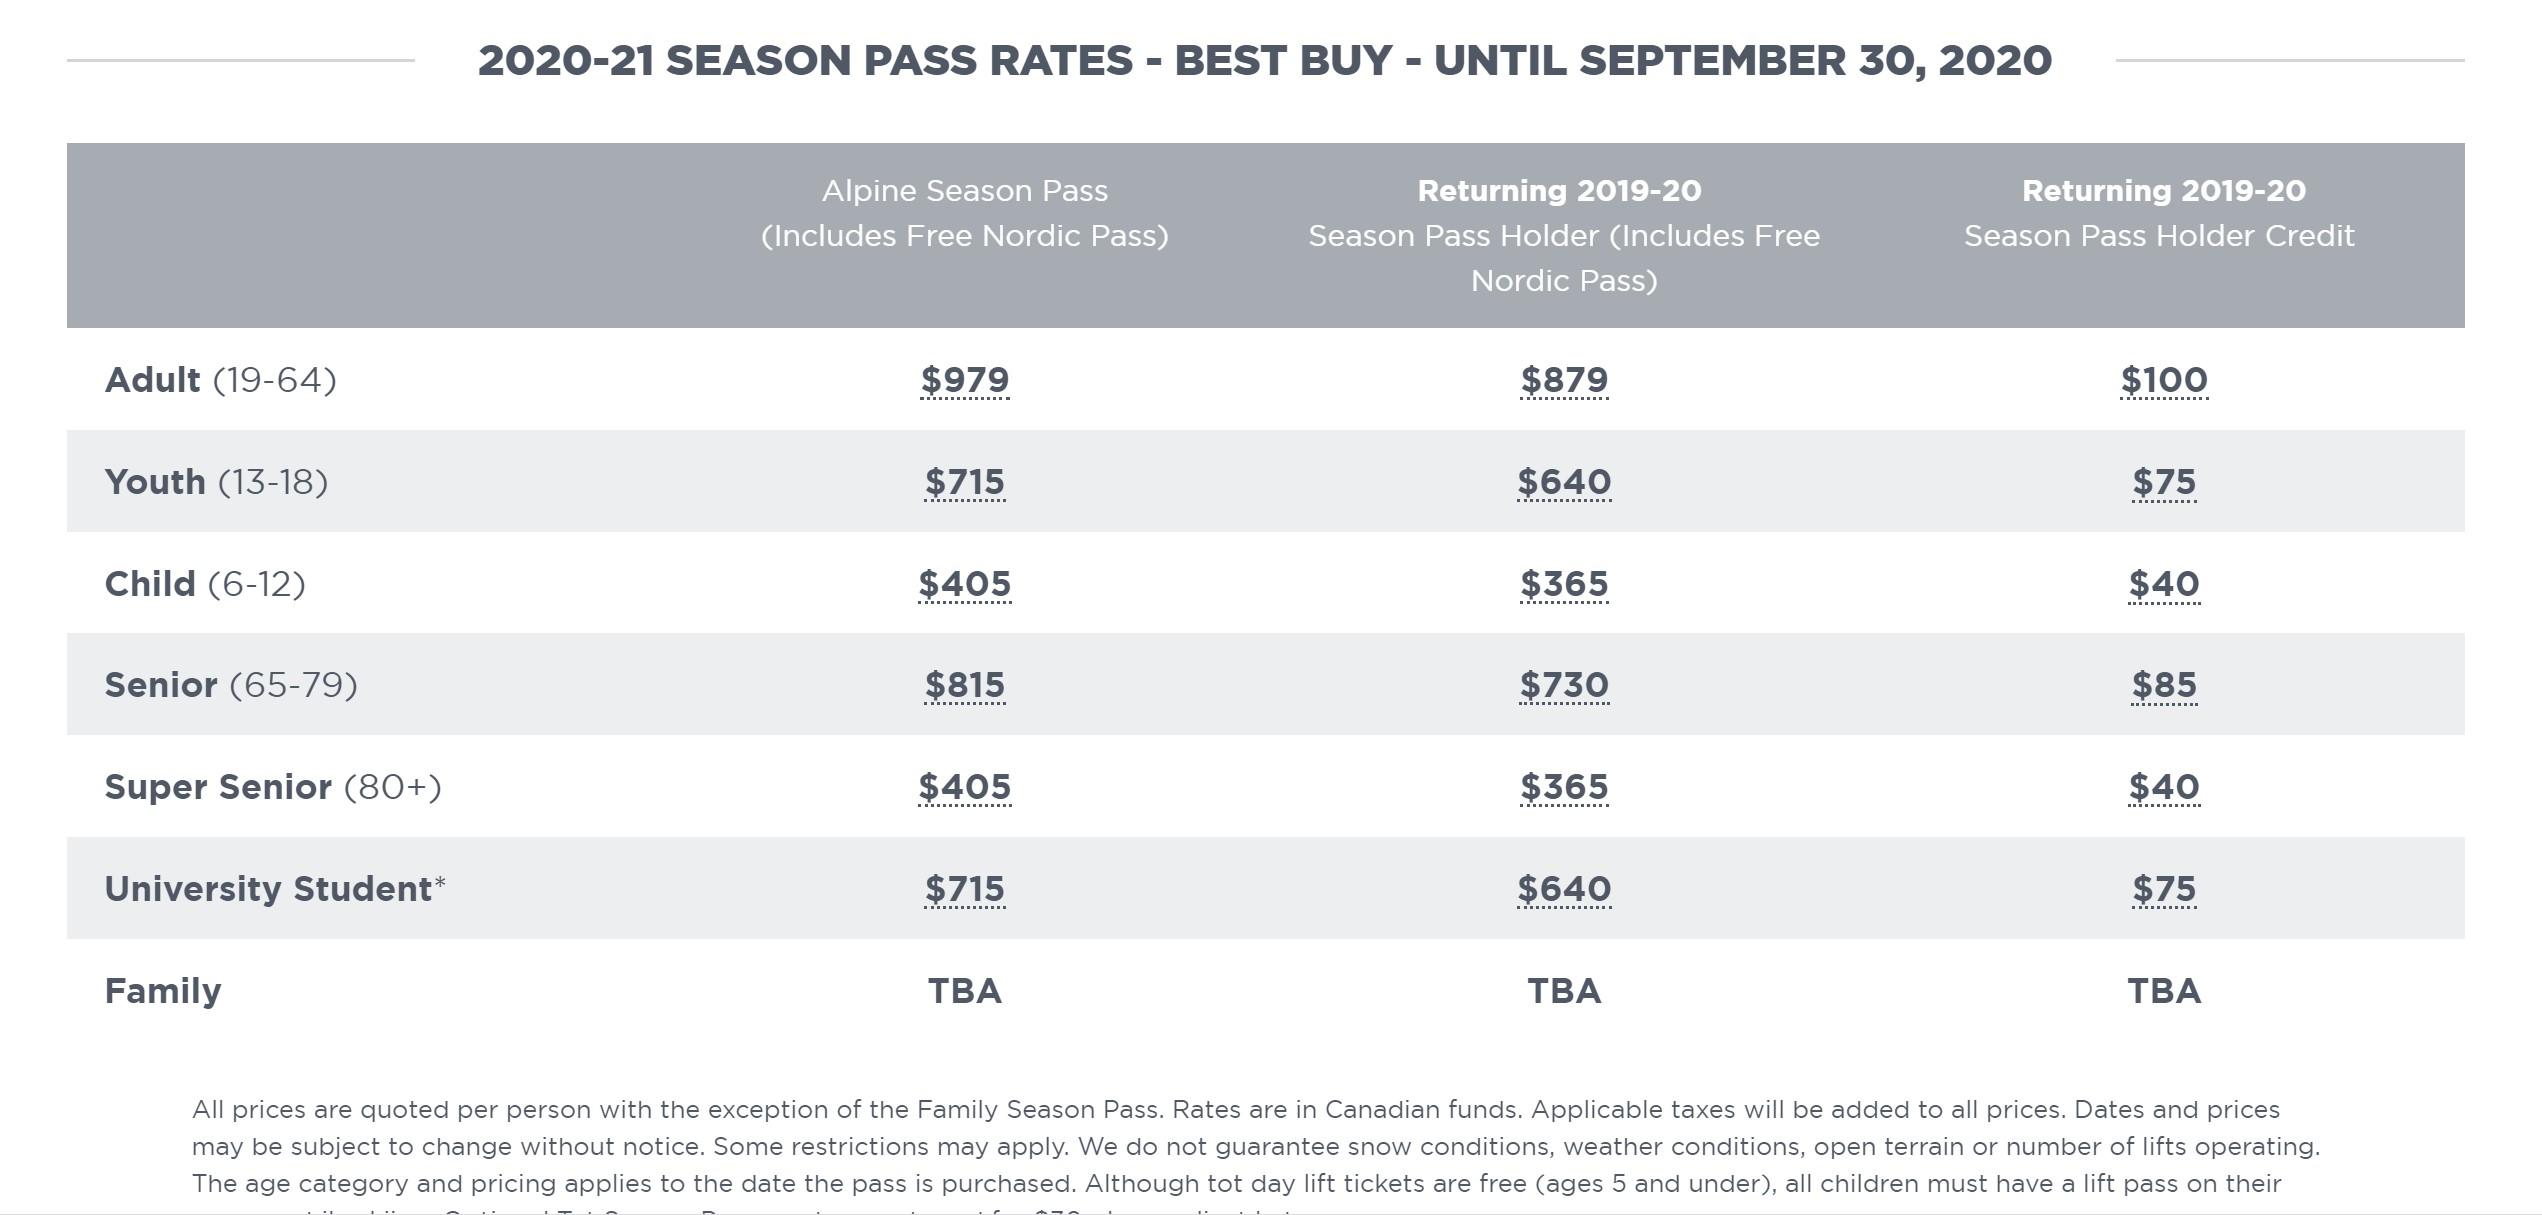 Sun Peaks Best Buy Season Passes - only until June 30, 2019